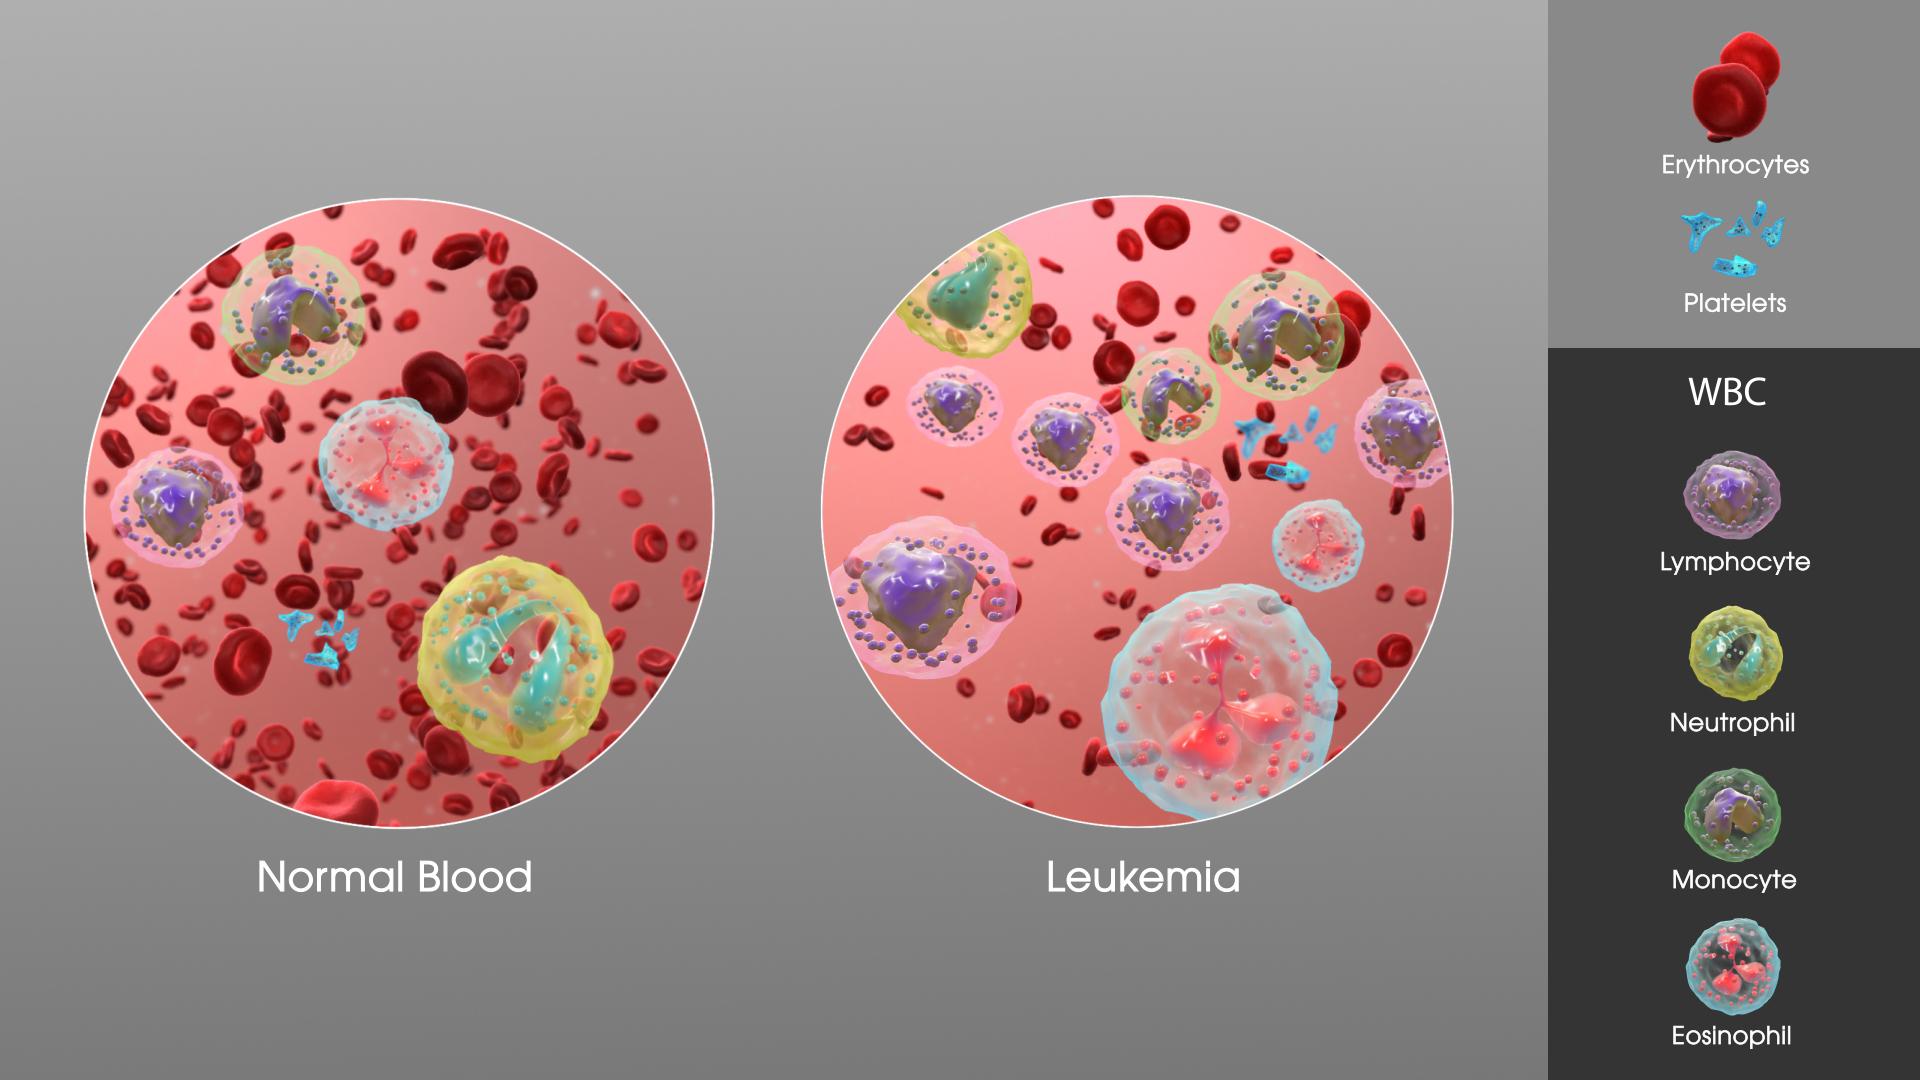 leukemia causes